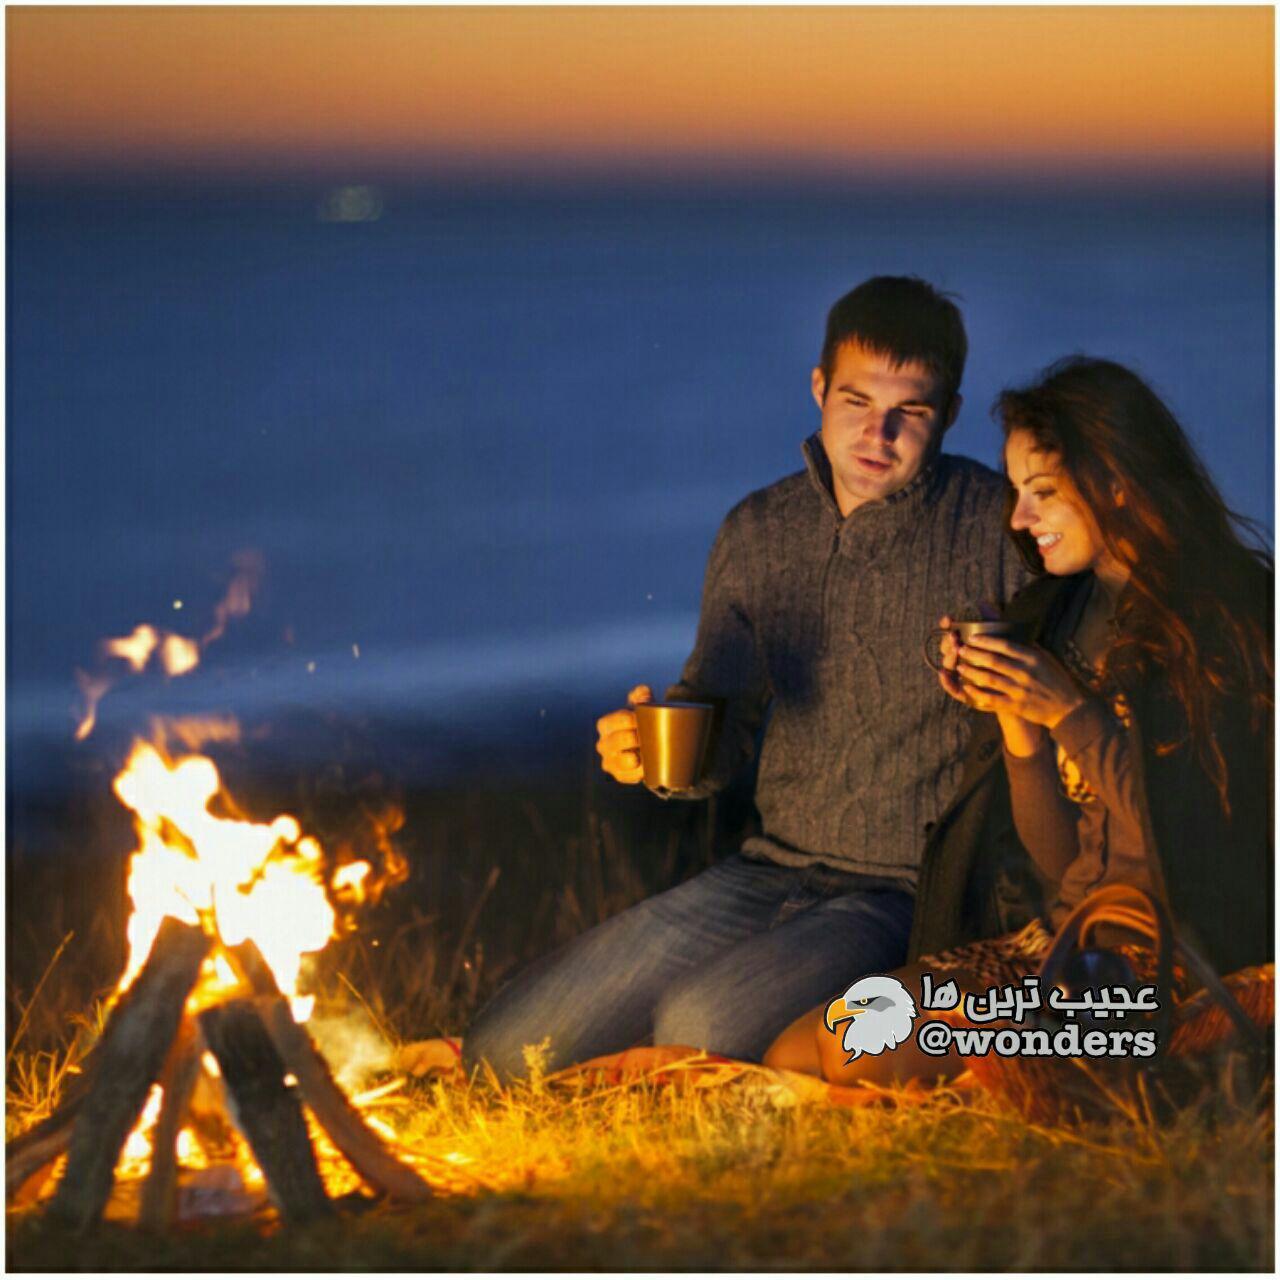 نشستن کنار آتش از کشیدن سیگار مضرتر است